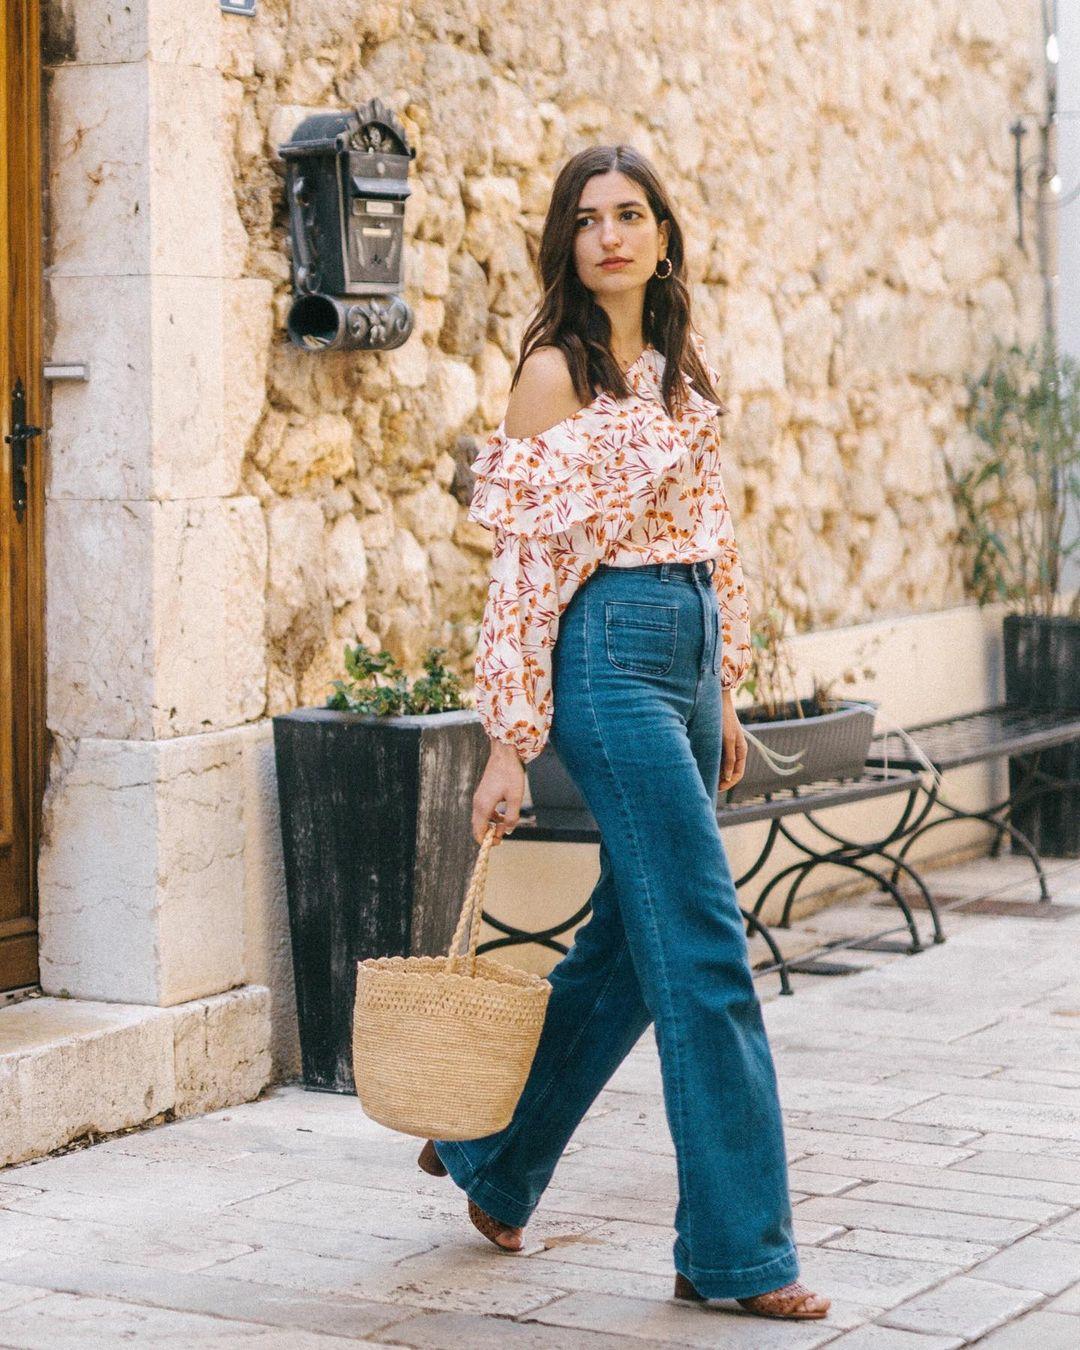 Quý cô người Pháp có style chuẩn nàng thơ: Không thể sống thiếu váy quấn, diện đồ 'hoa lá hẹ' mà vẫn rất mực tinh tế - Ảnh 12